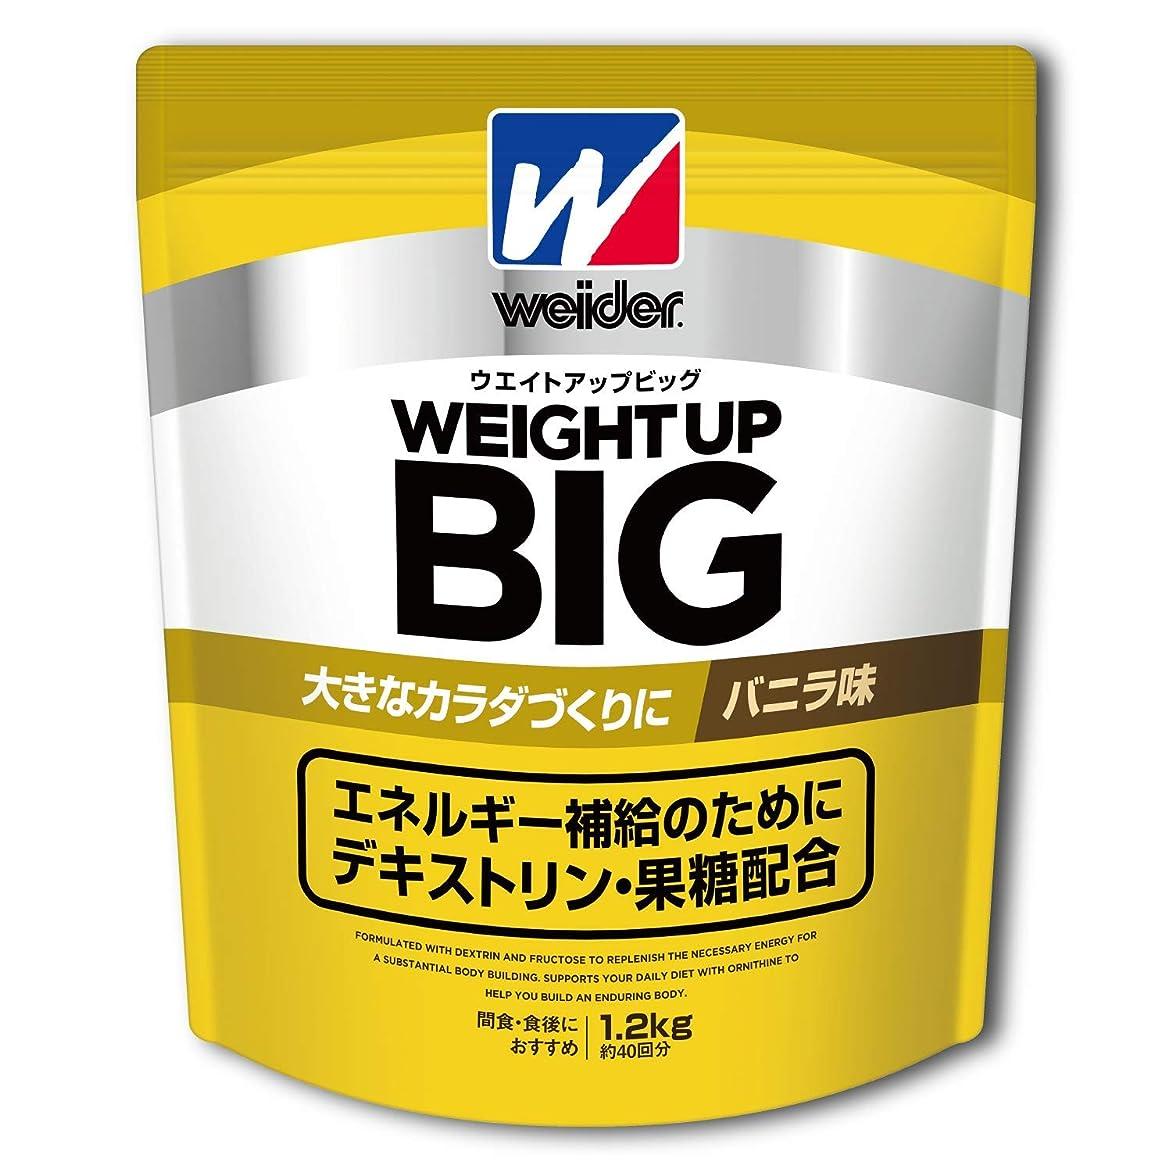 放送概念難破船ウイダー ウエイトアップビッグ バニラ味 1.2kg (約45回分) 増量プロテイン デキストリン?果糖?カゼイン オルニチン配合